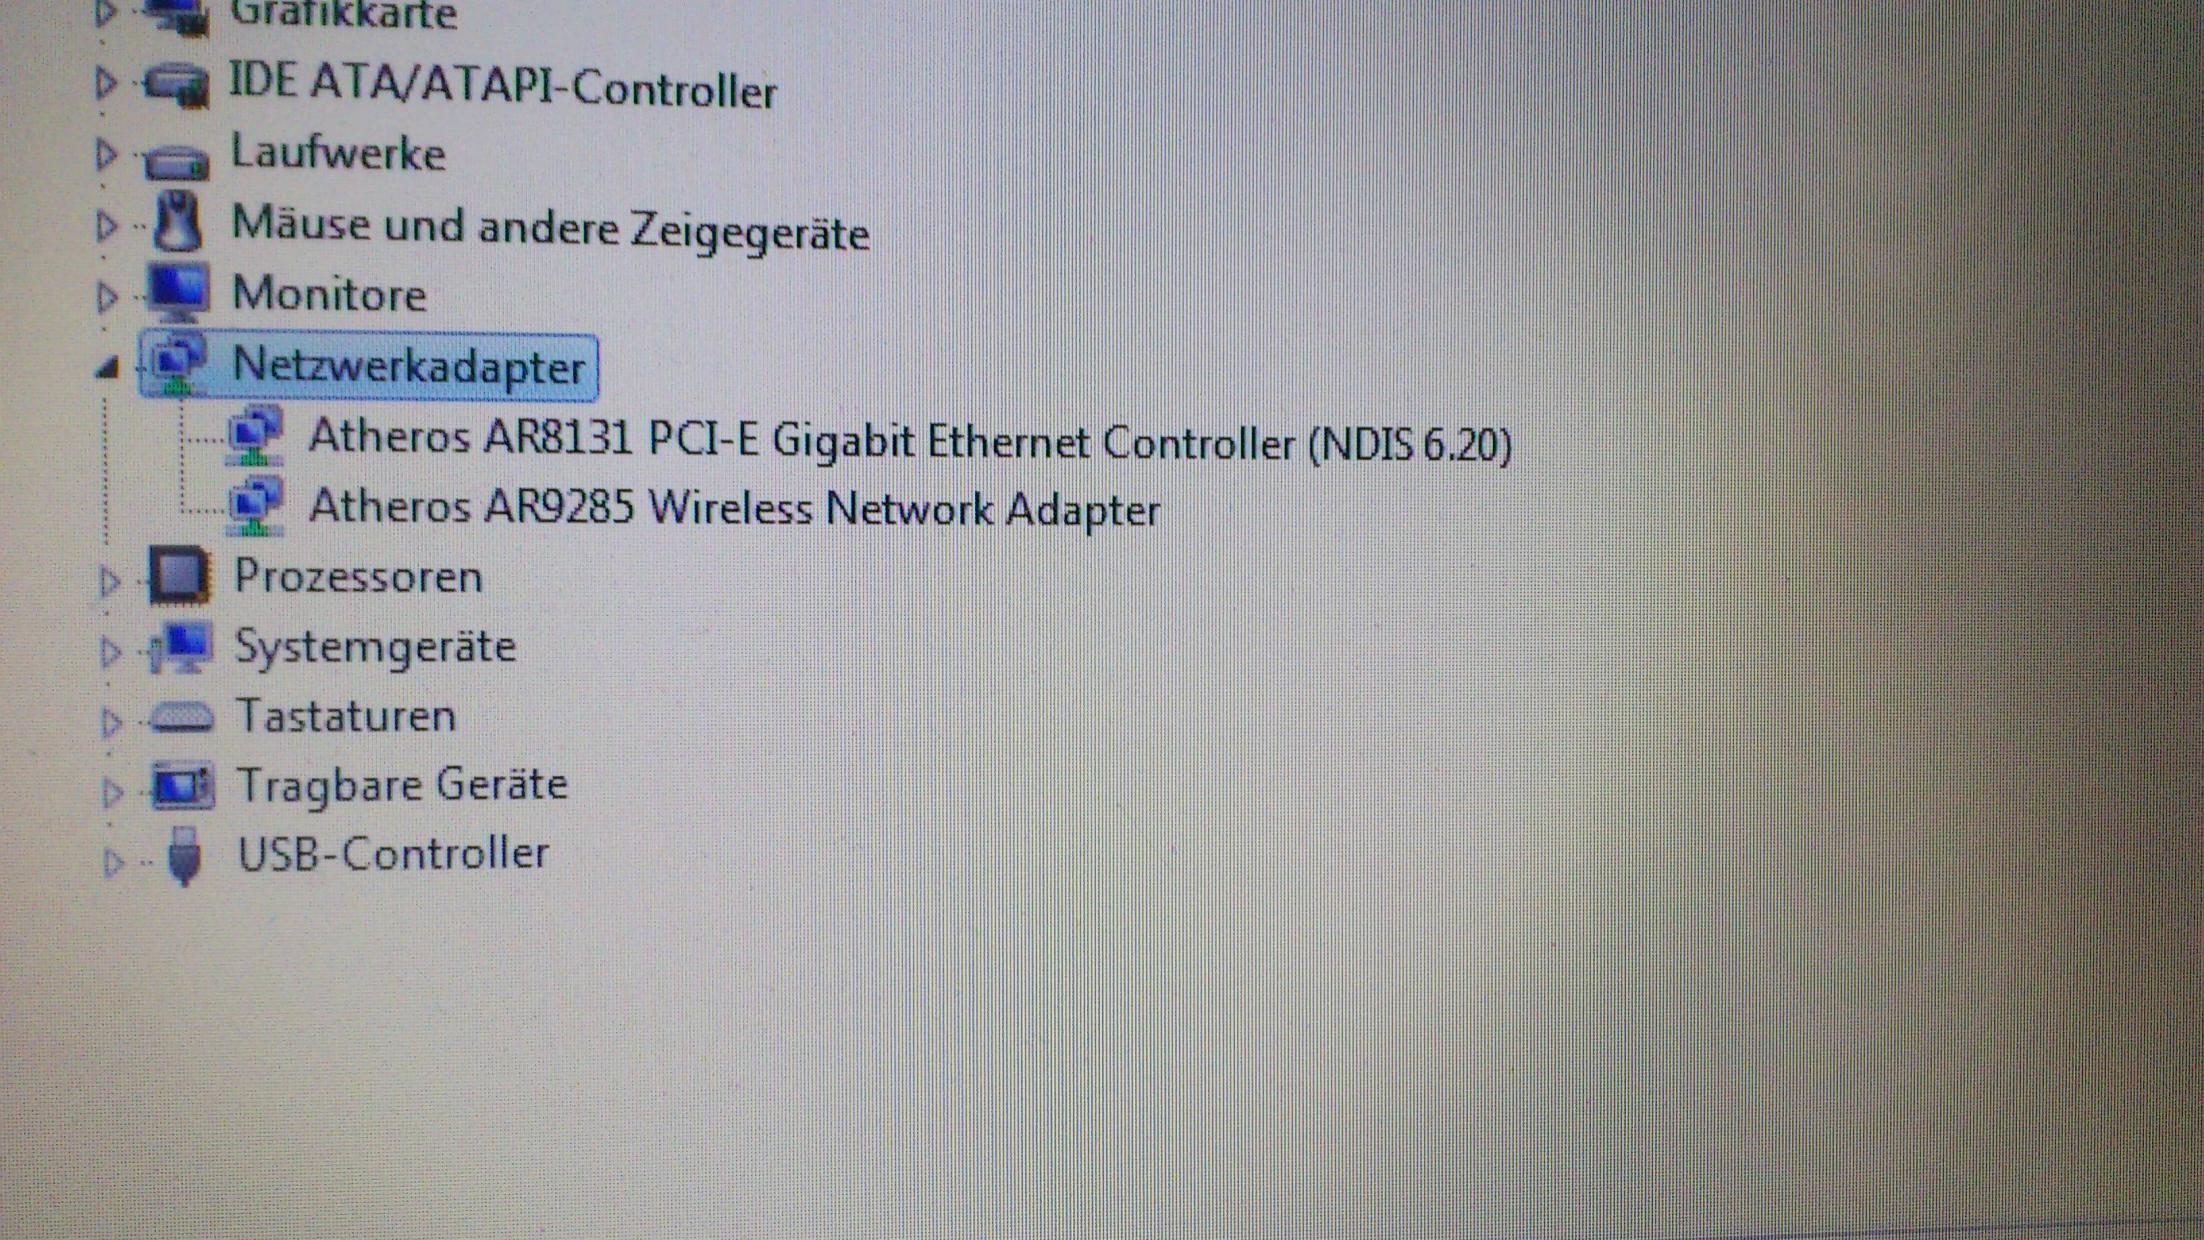 WLAN bei Asus k72f series erkennt keine drahtlosen Netzwerke ...